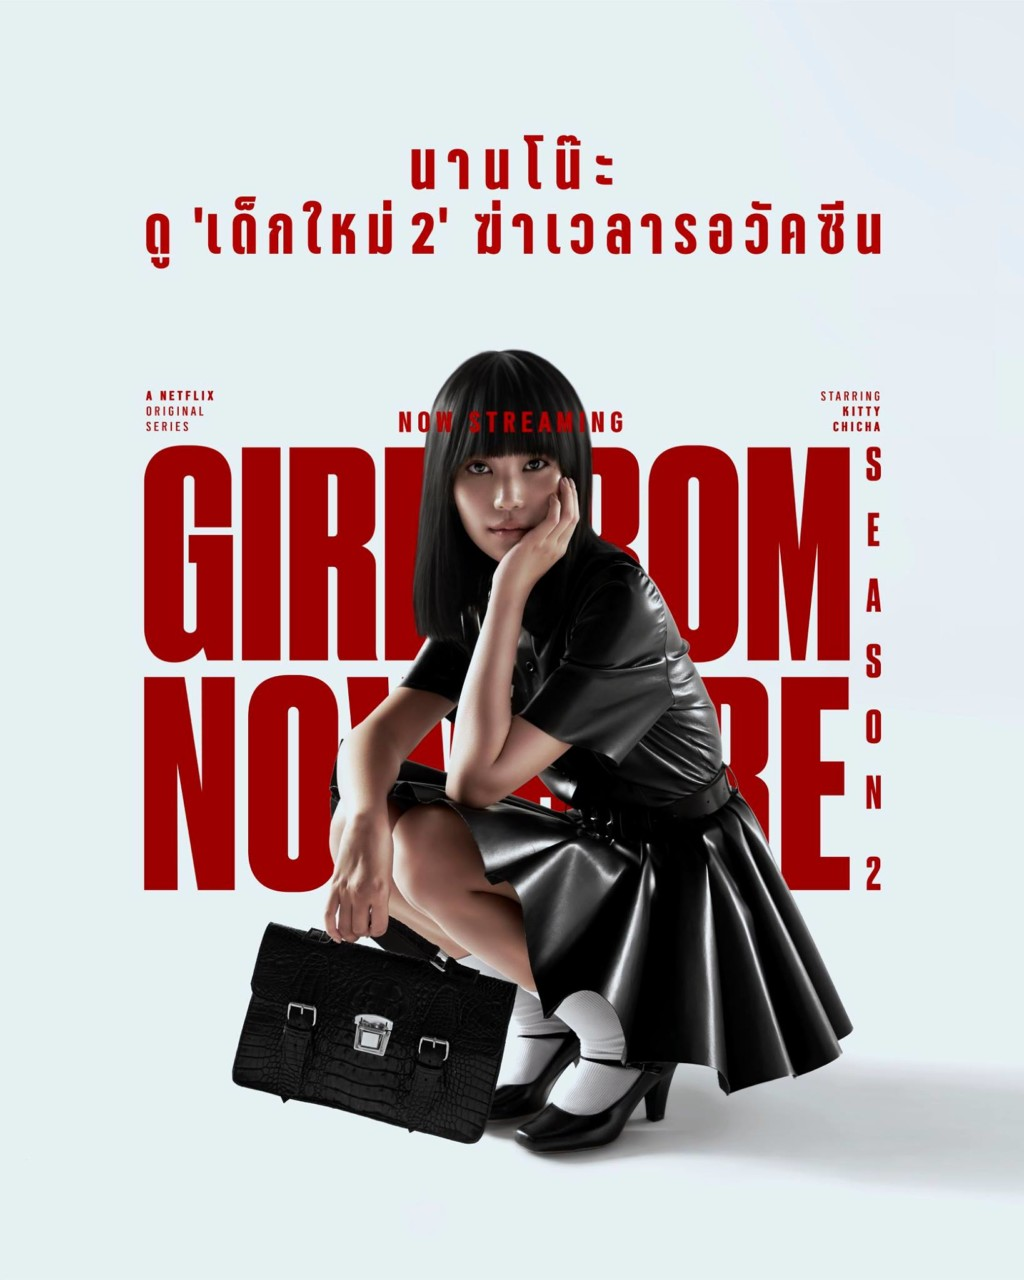 爆紅《轉學來的女生》感謝粉絲貼「台灣、香港旗」!小粉紅罵辱華「改圖後更氣」